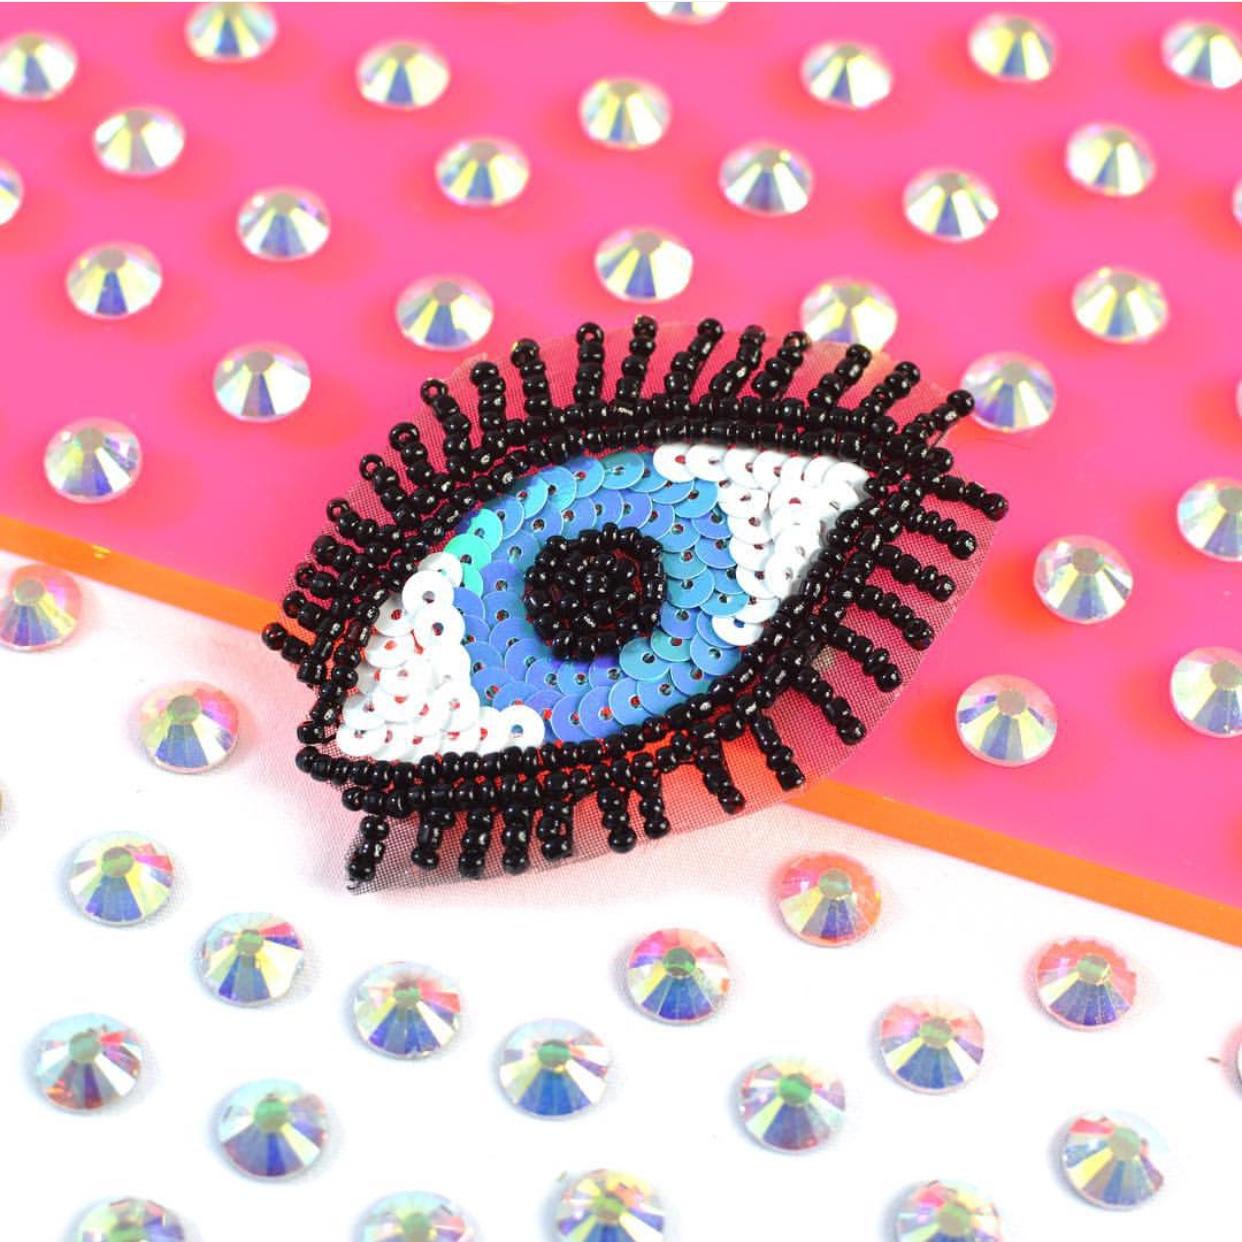 bow-and-drape-by-natasha-rose-06.jpg